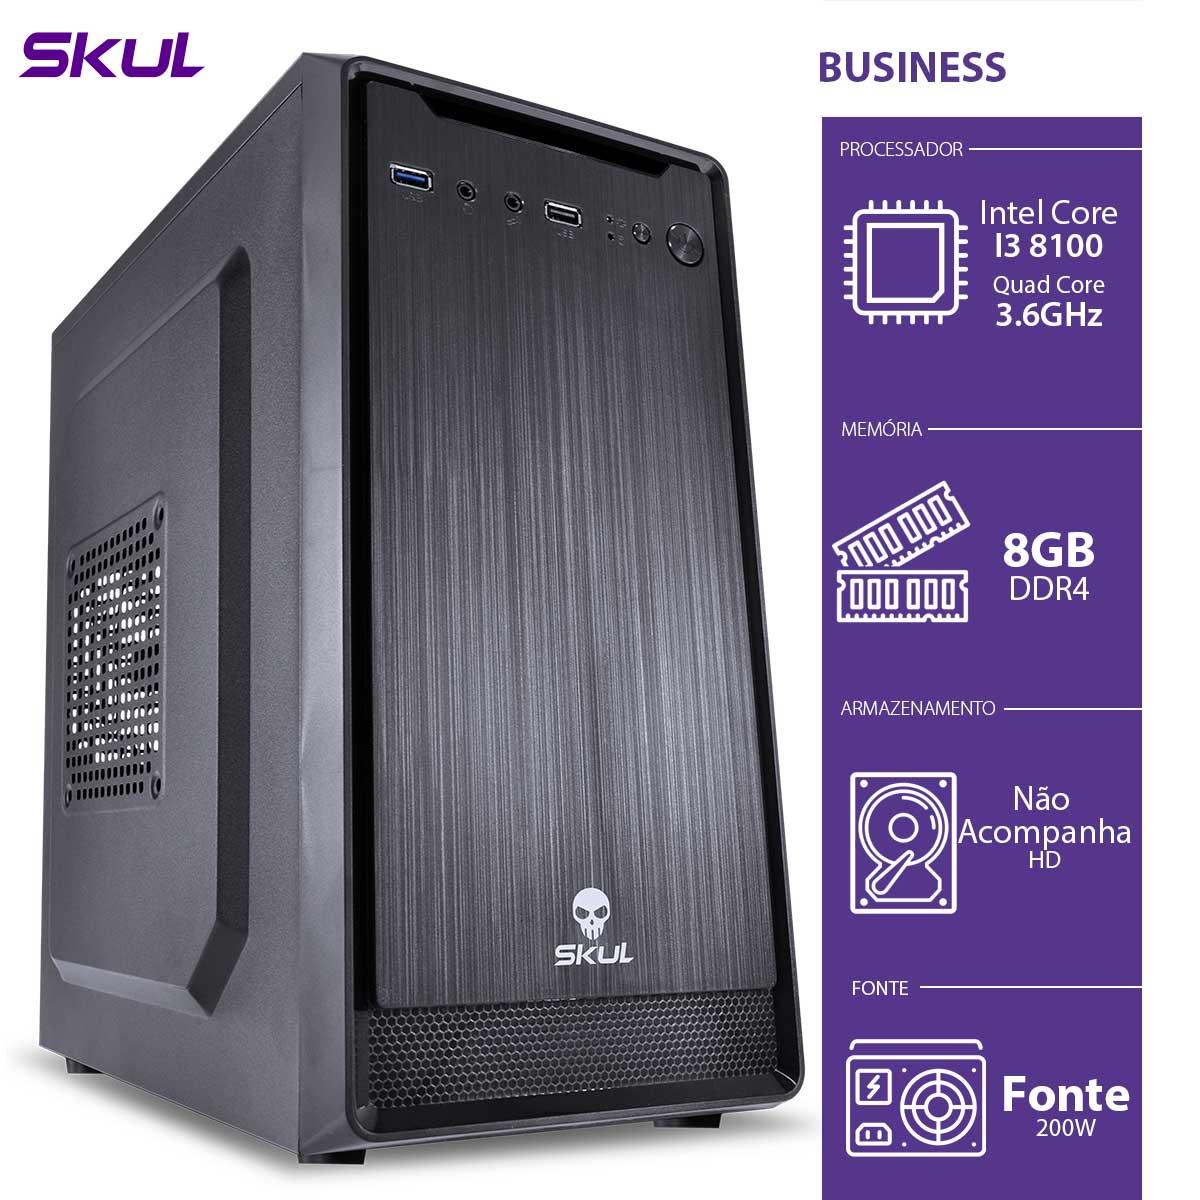 Computador Business B300 - I3-8100 3.6GHZ 8GB DDR4 sem HD/SSD HDMI/VGA Fonte 200W